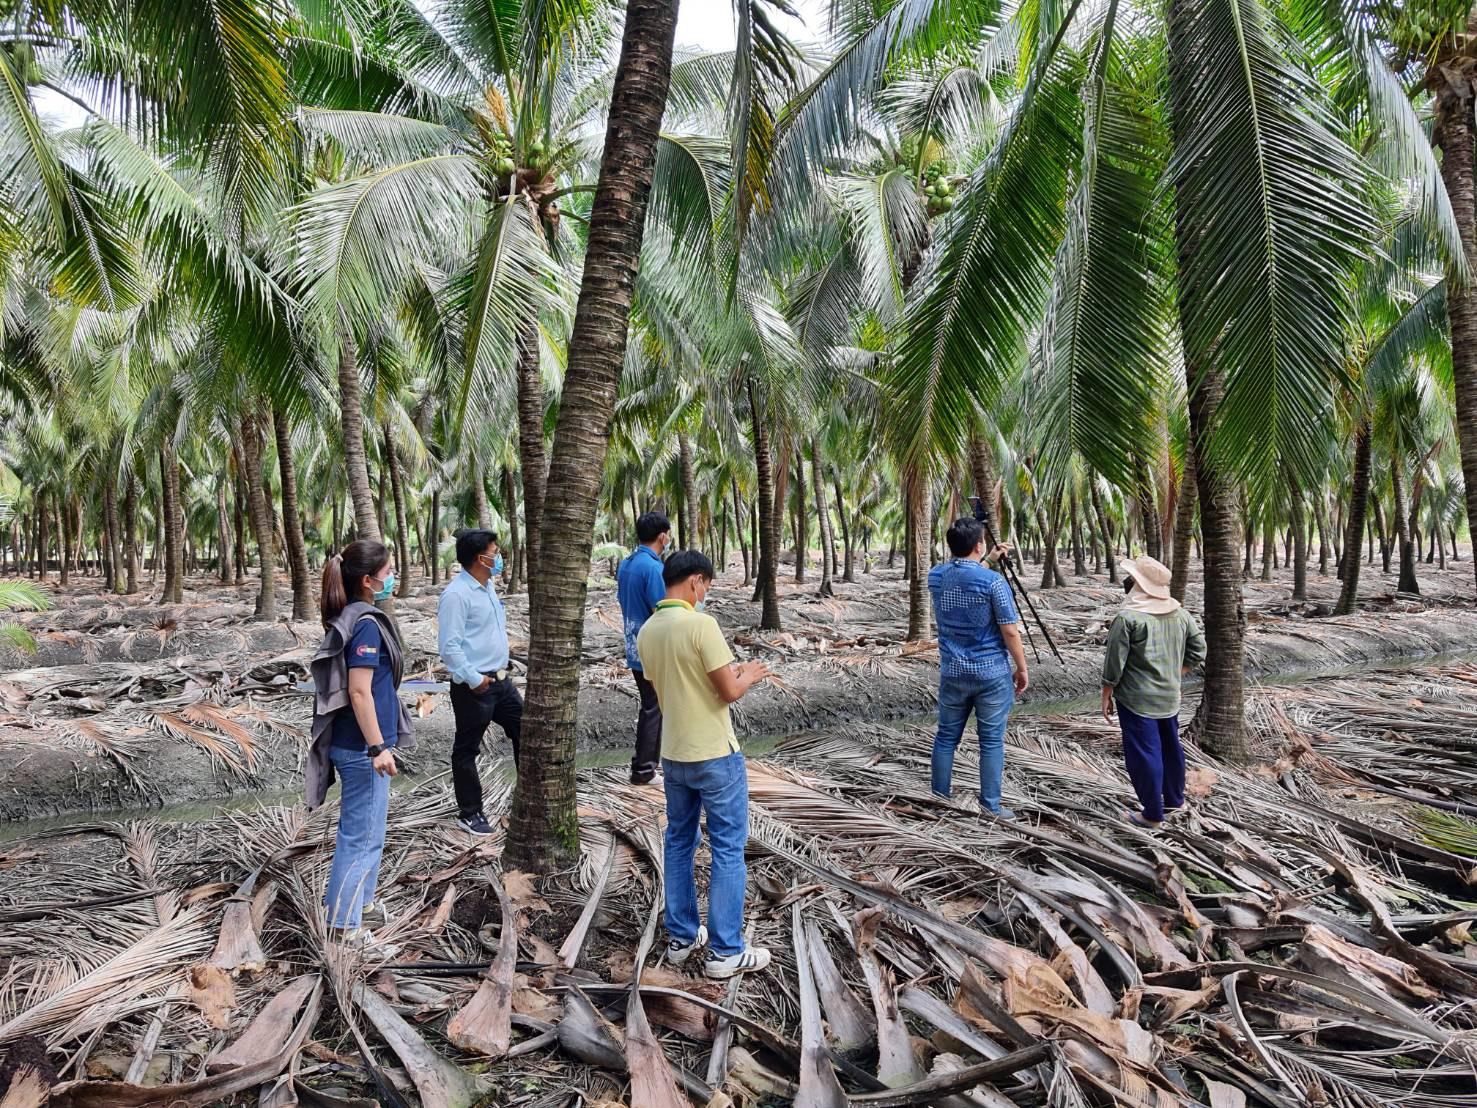 จีนไฟเขียวสวน ล้งผลไม้ไทยสอบผ่าน พร้อมเน้นย้ำให้เข้มงวดศัตรูพืชและเชื้อโควิด